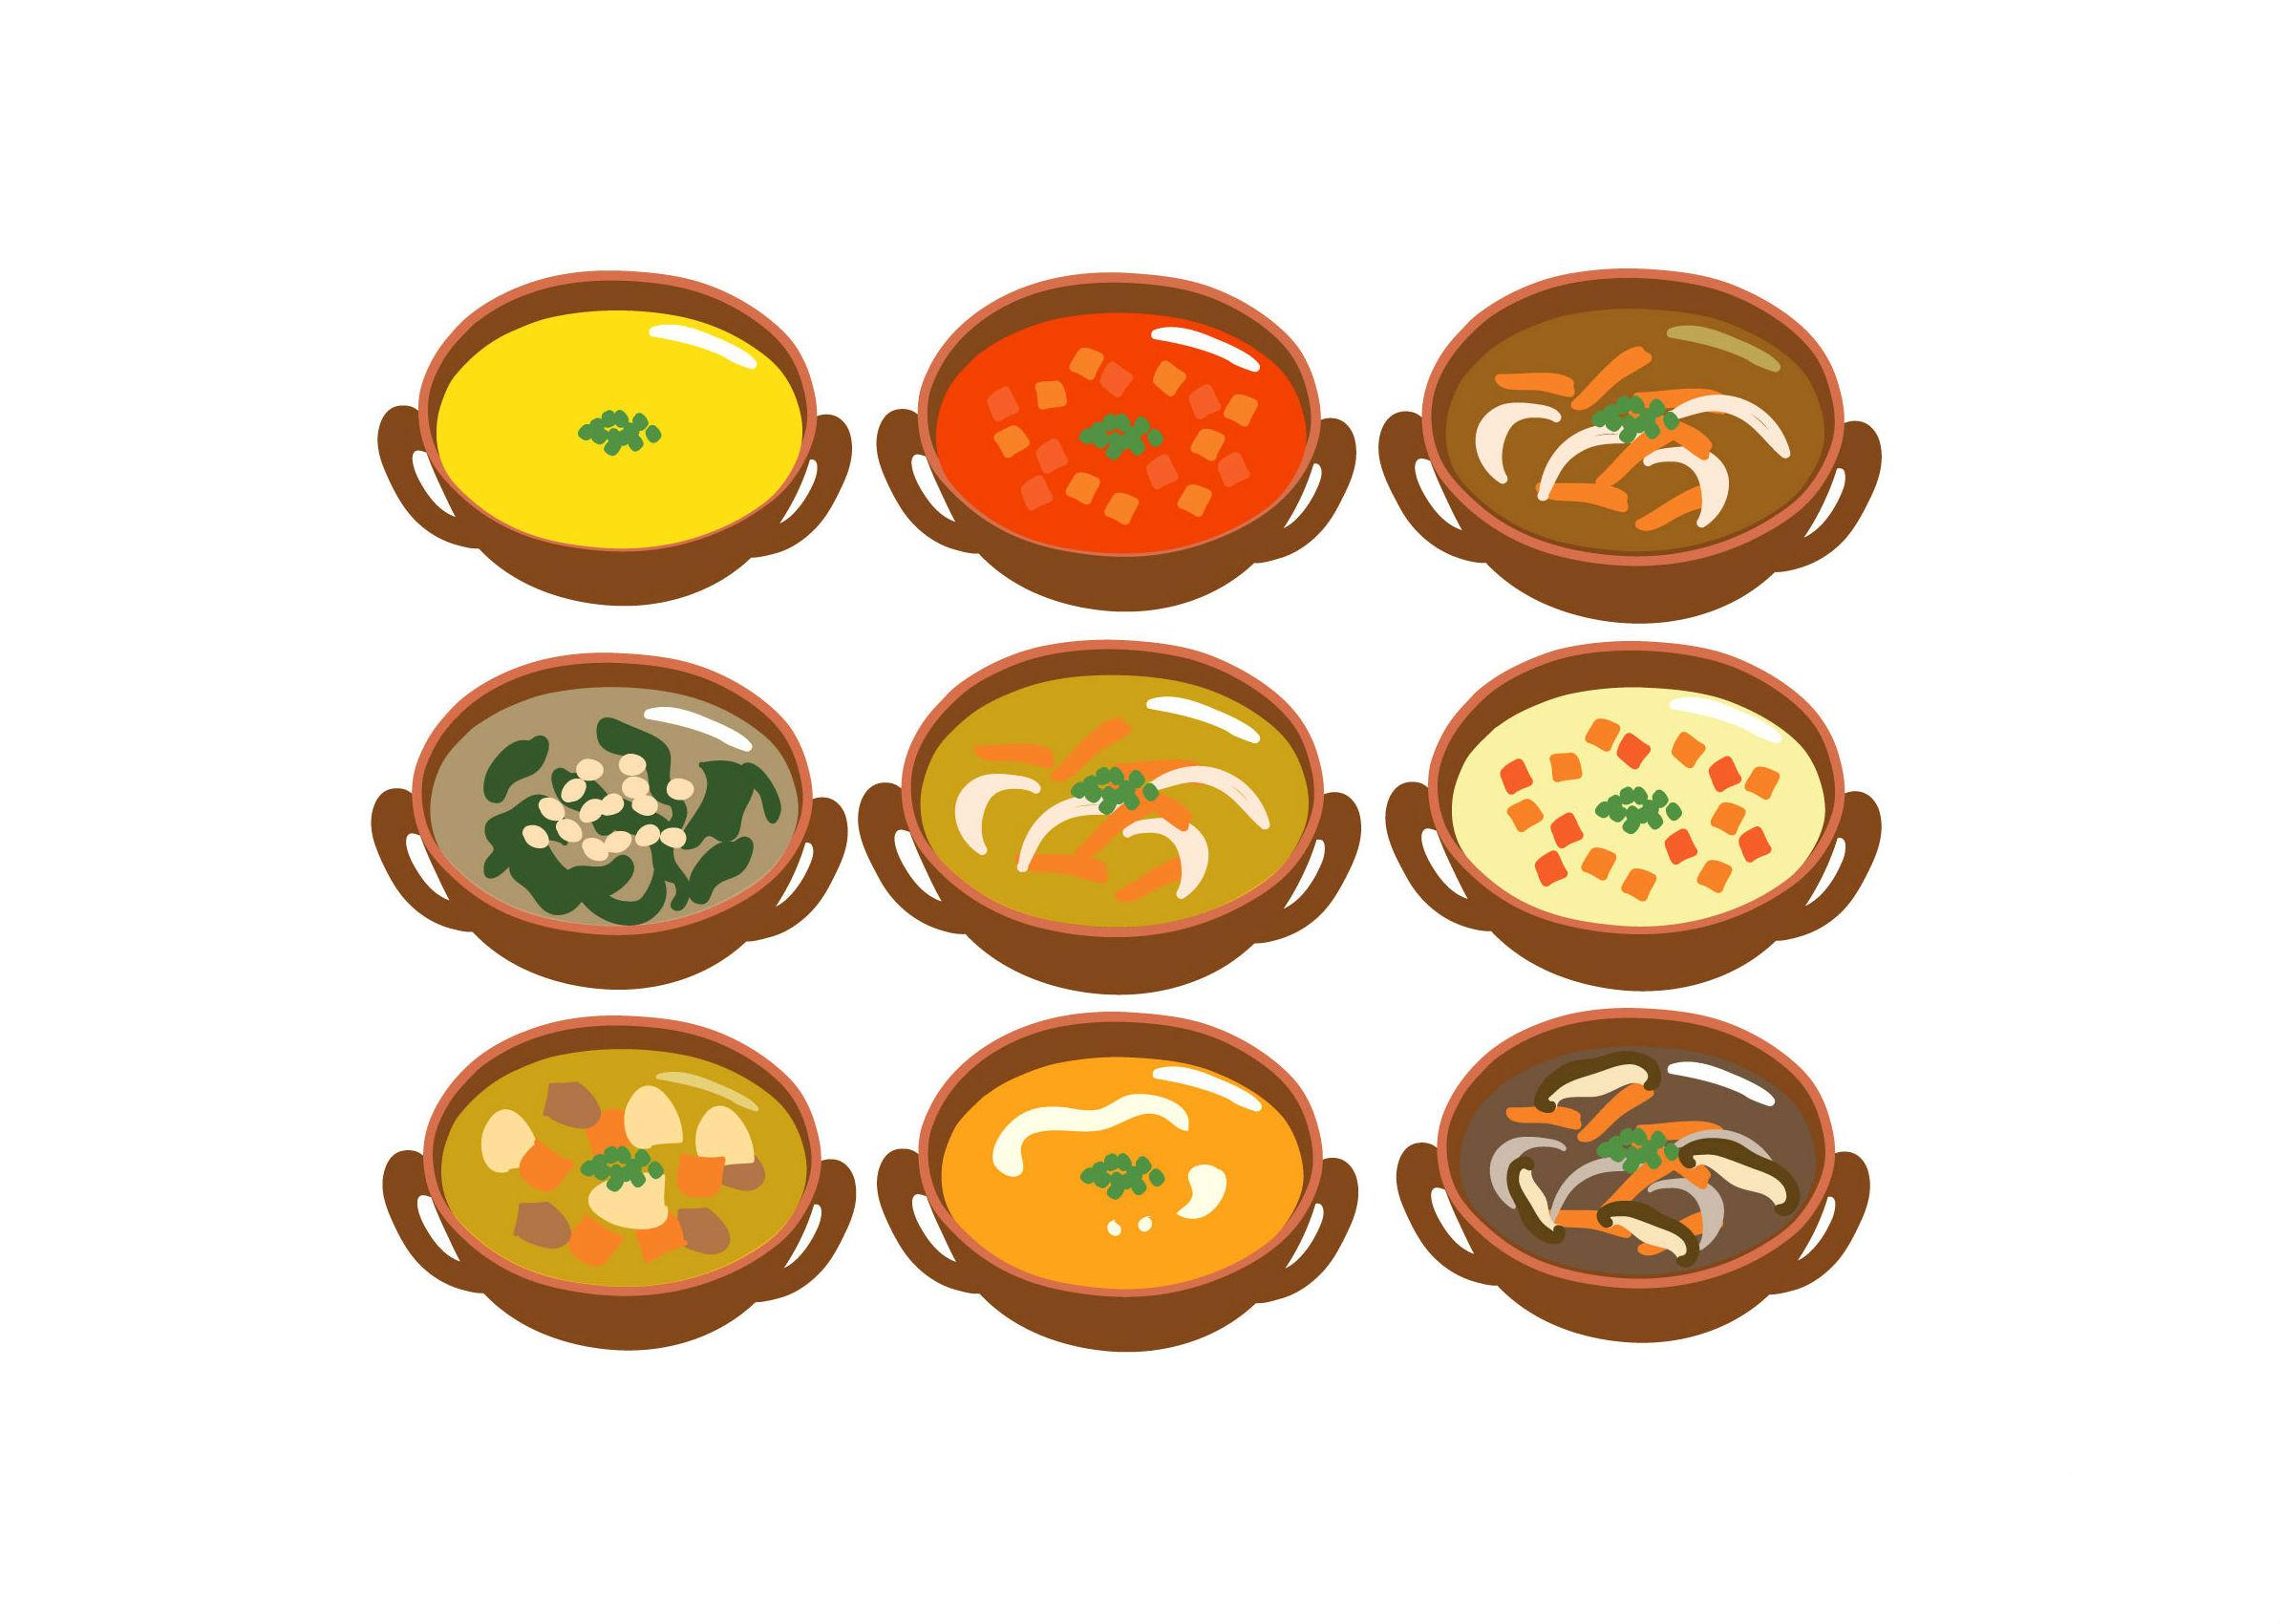 京都のおもしろスイーツ「どんぶりプリン」とは?まるで食品サンプル!?